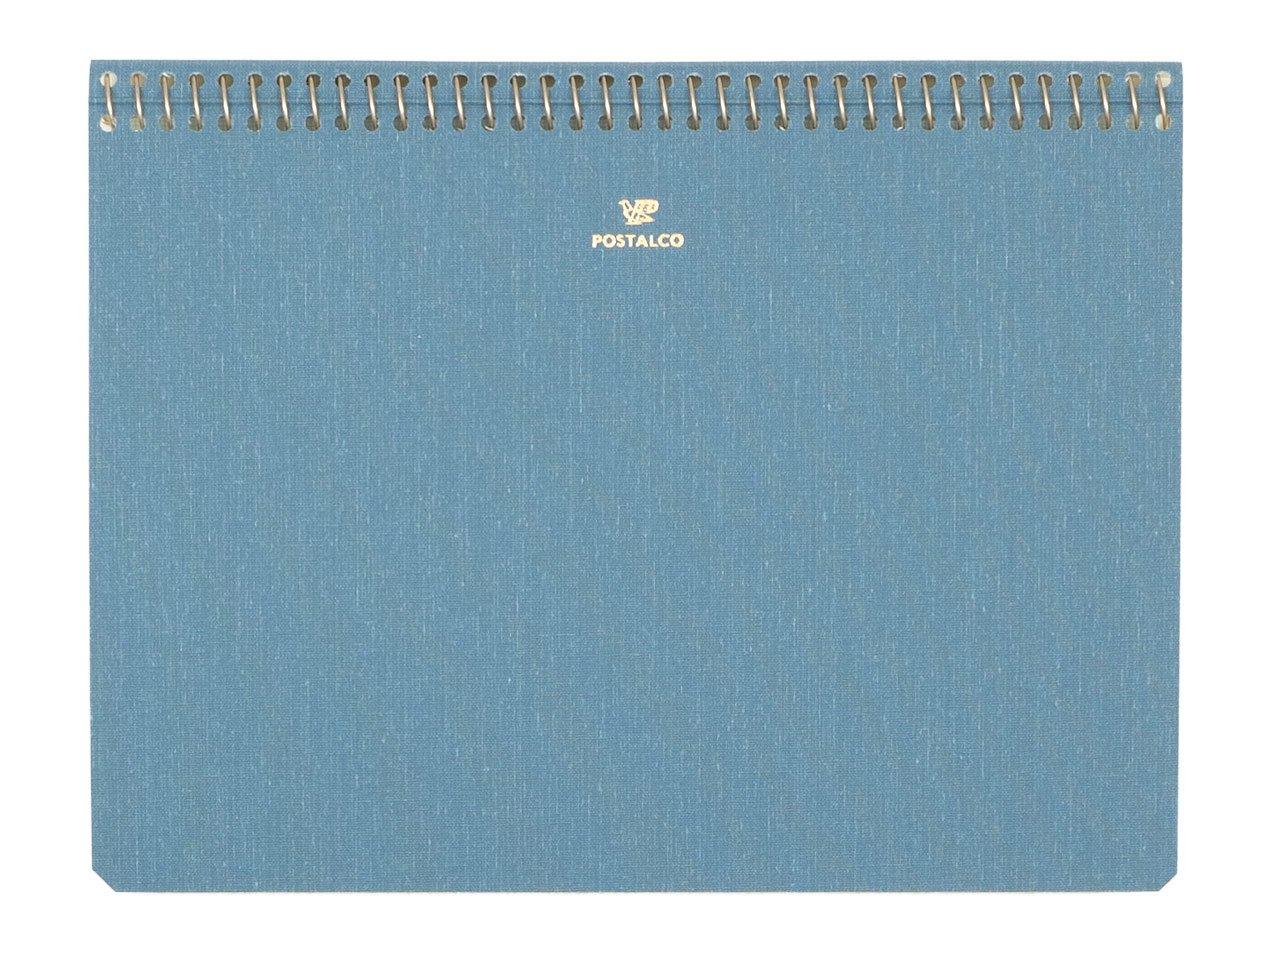 POSTALCO Notebook A5 Light Blue